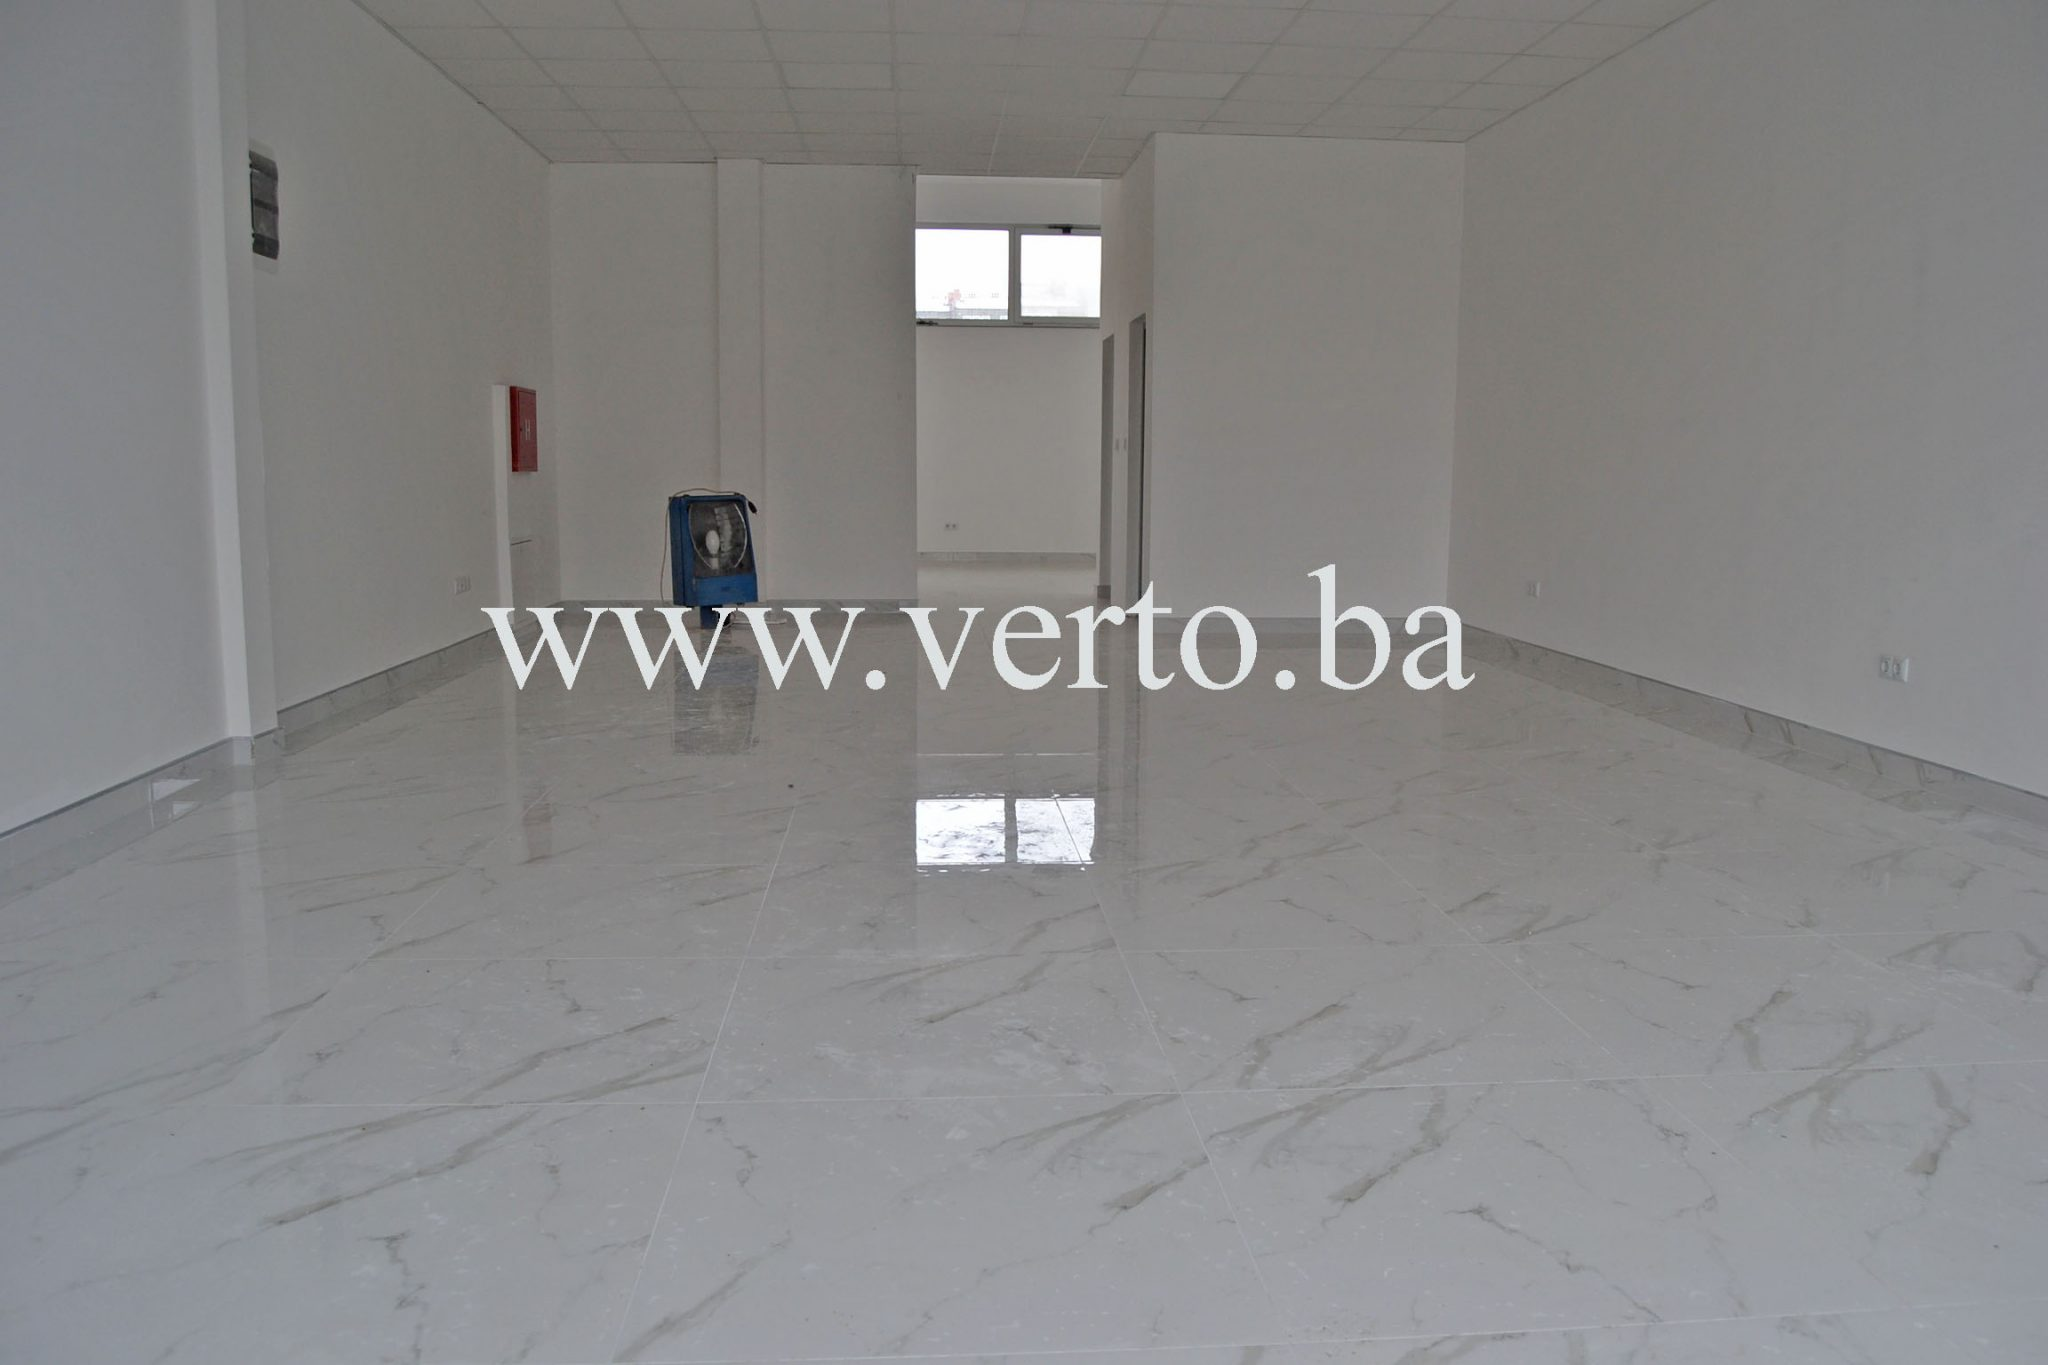 Poslovni prostor, Slavinovici, Tuzla